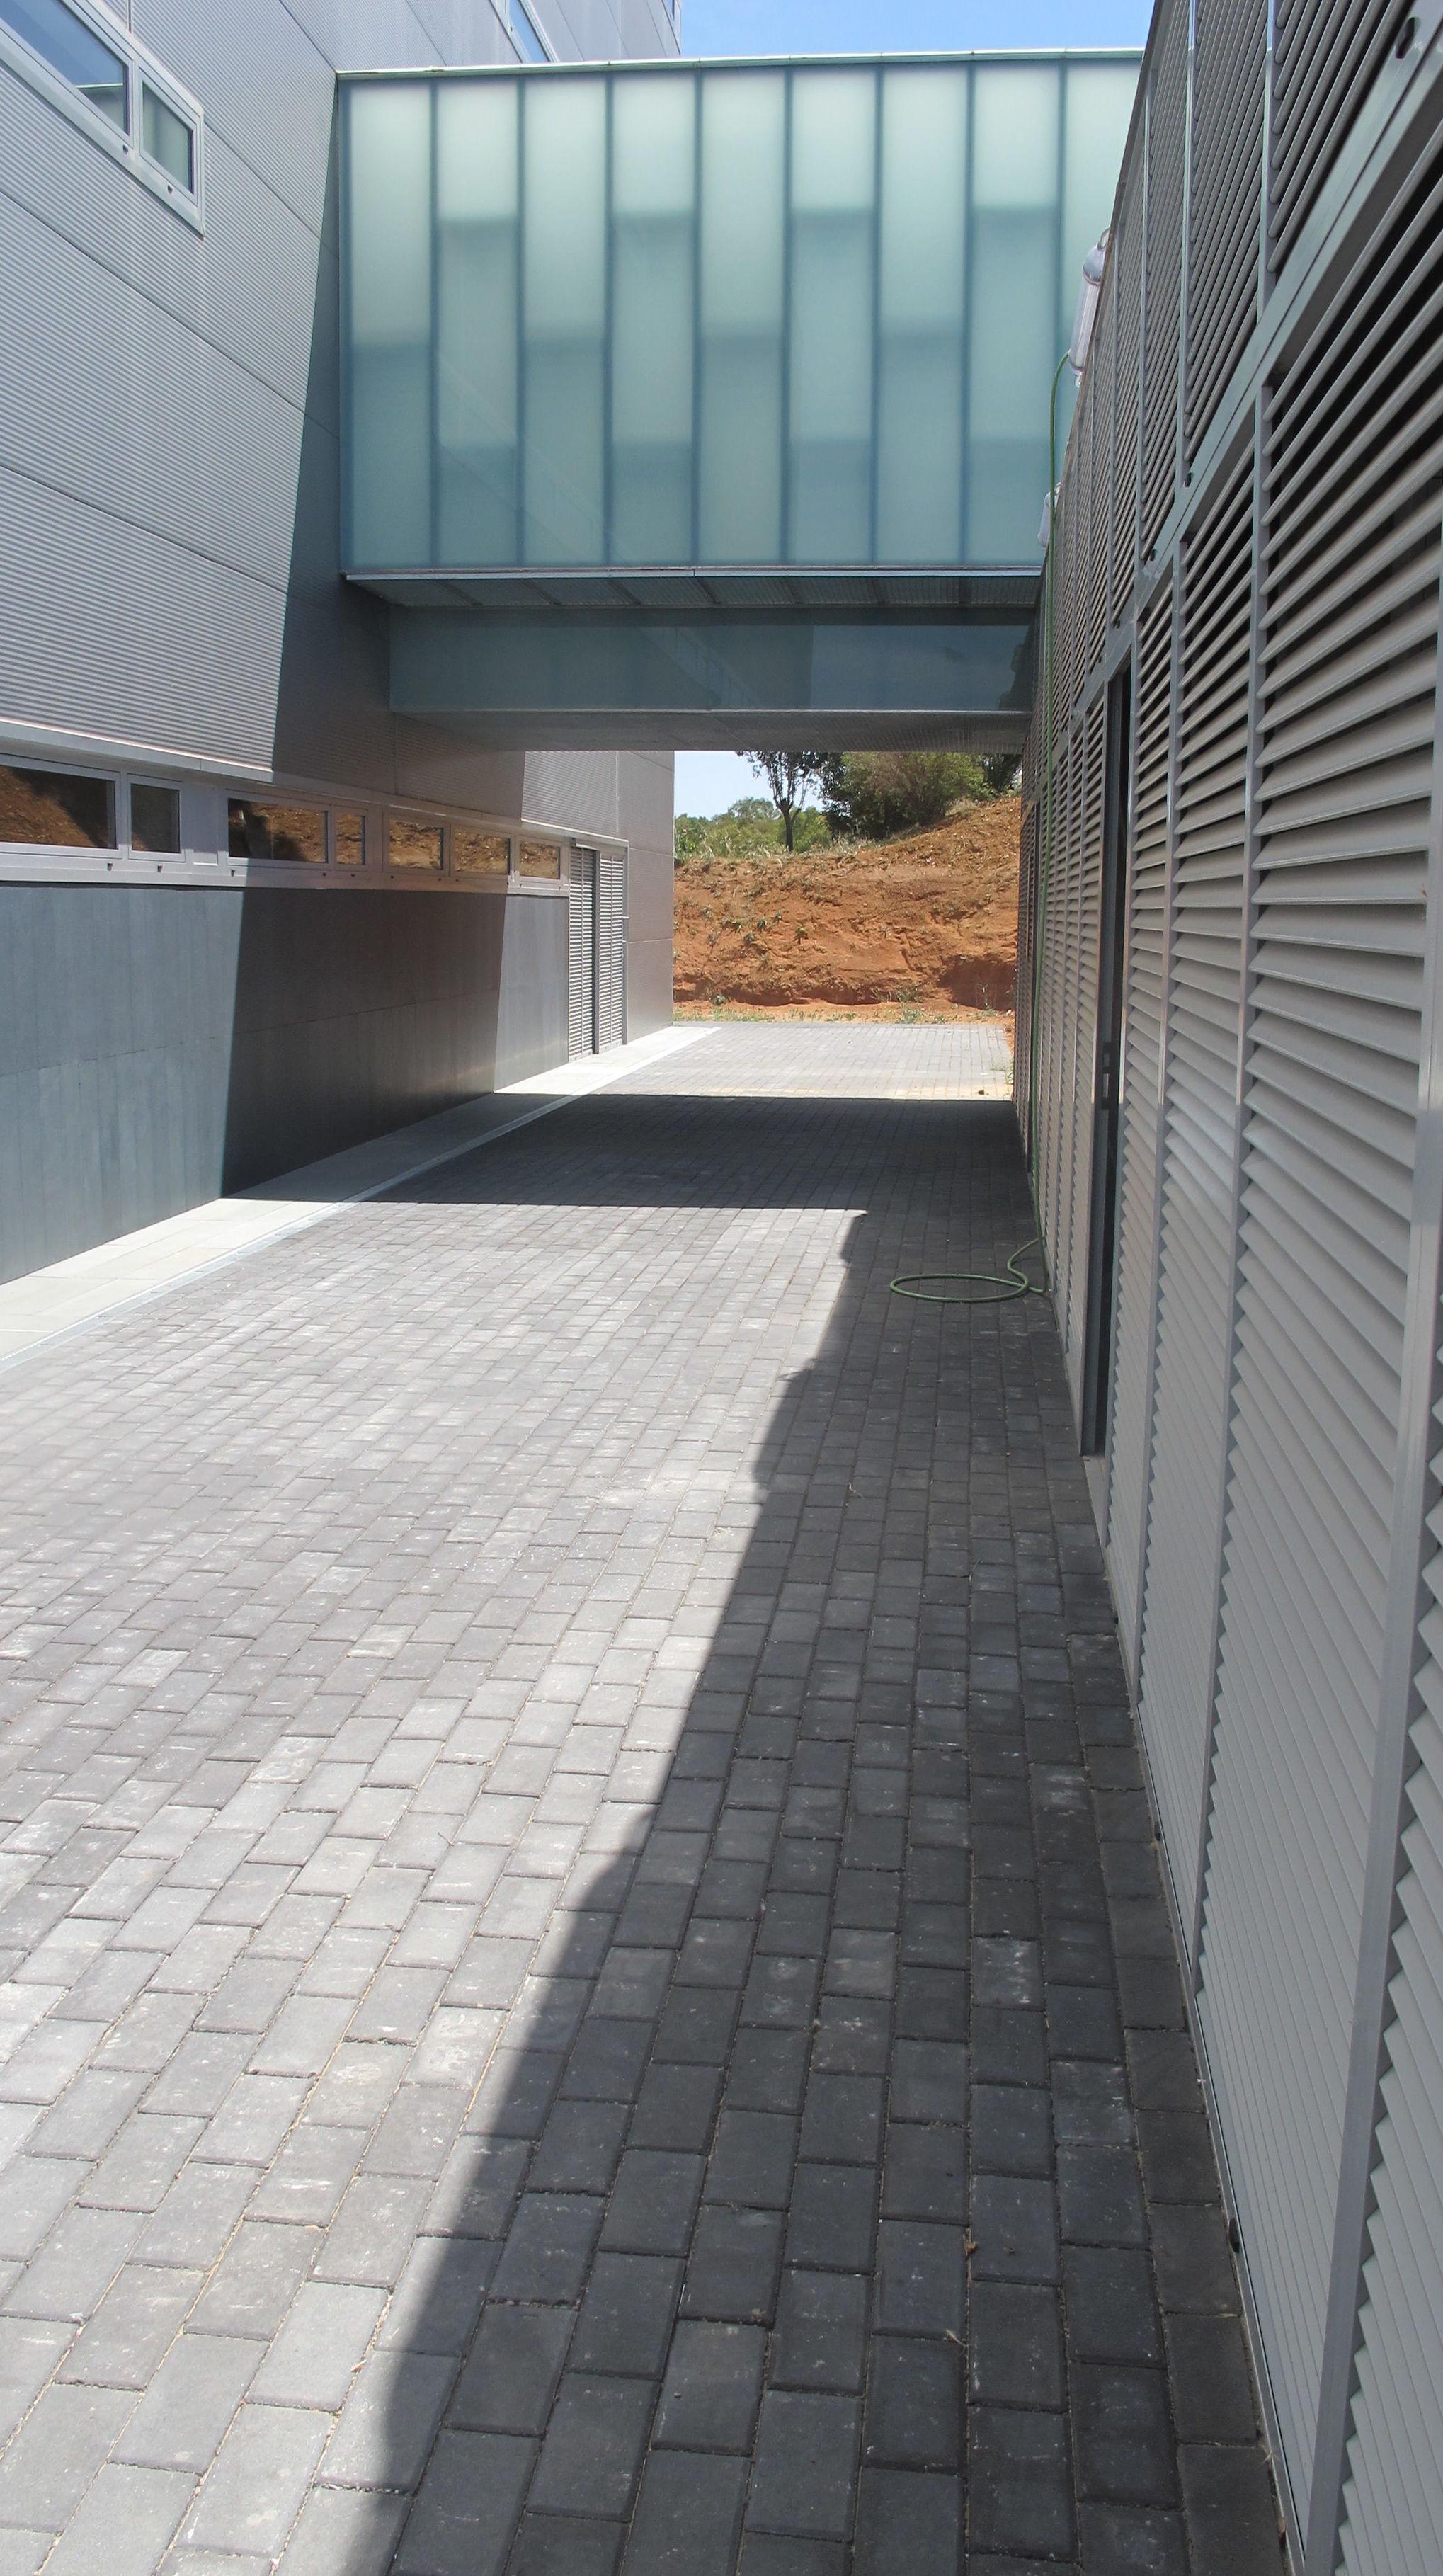 Nuevo Centro de Investigación La Orden. Guadajira - Badajoz